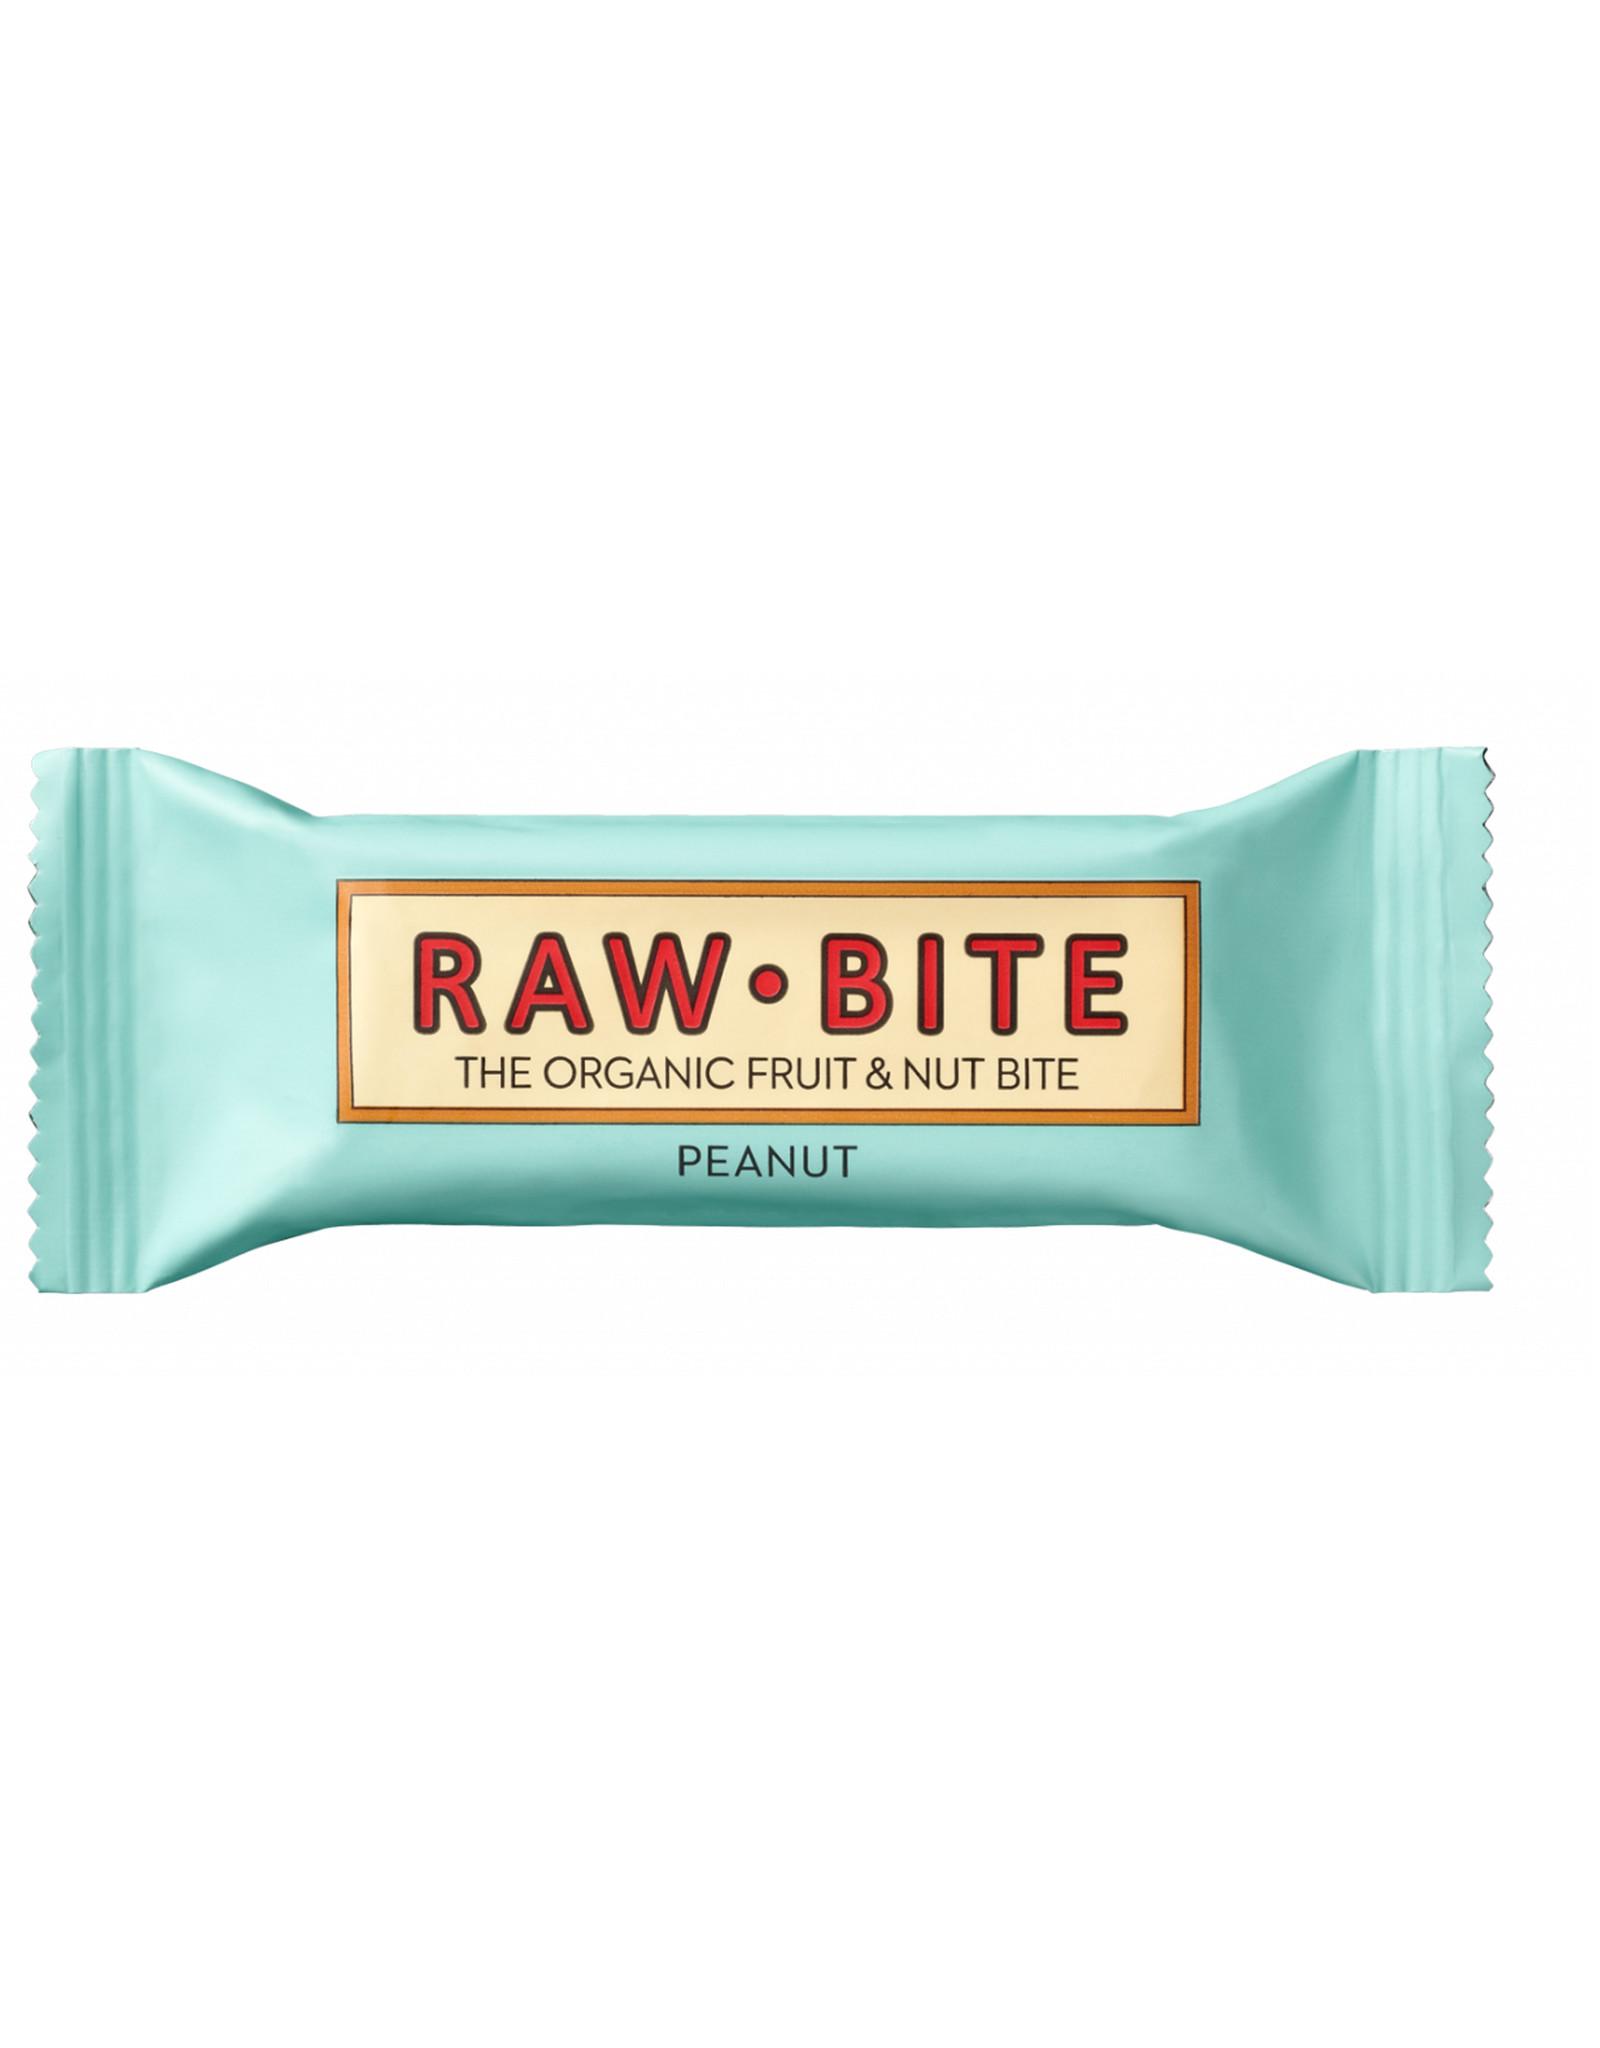 RAWBITE RAWBITE Peanut